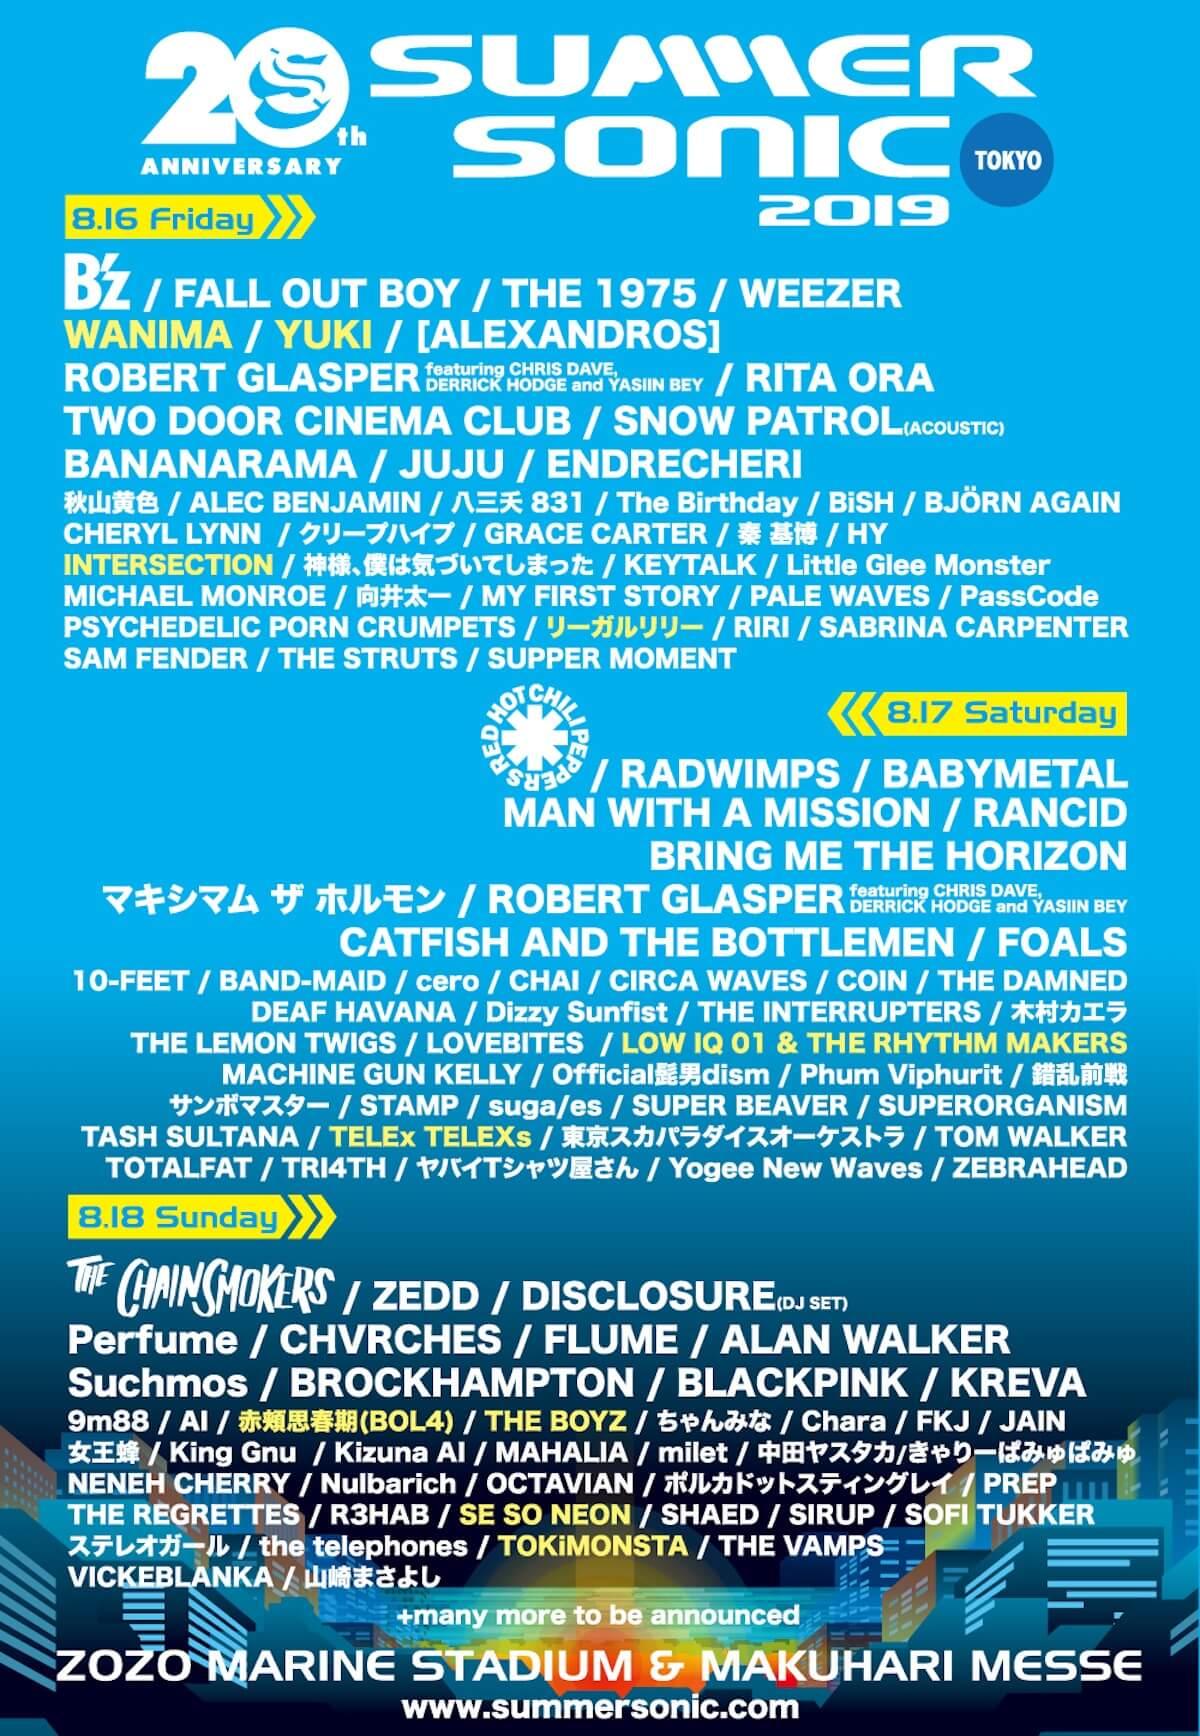 <サマソニ2019>、一般発売直前アーティスト発表!YUKI、WANIMA、THE BOYZ、TOKiMONSTAらが登場 music190523_summersonic2019_2